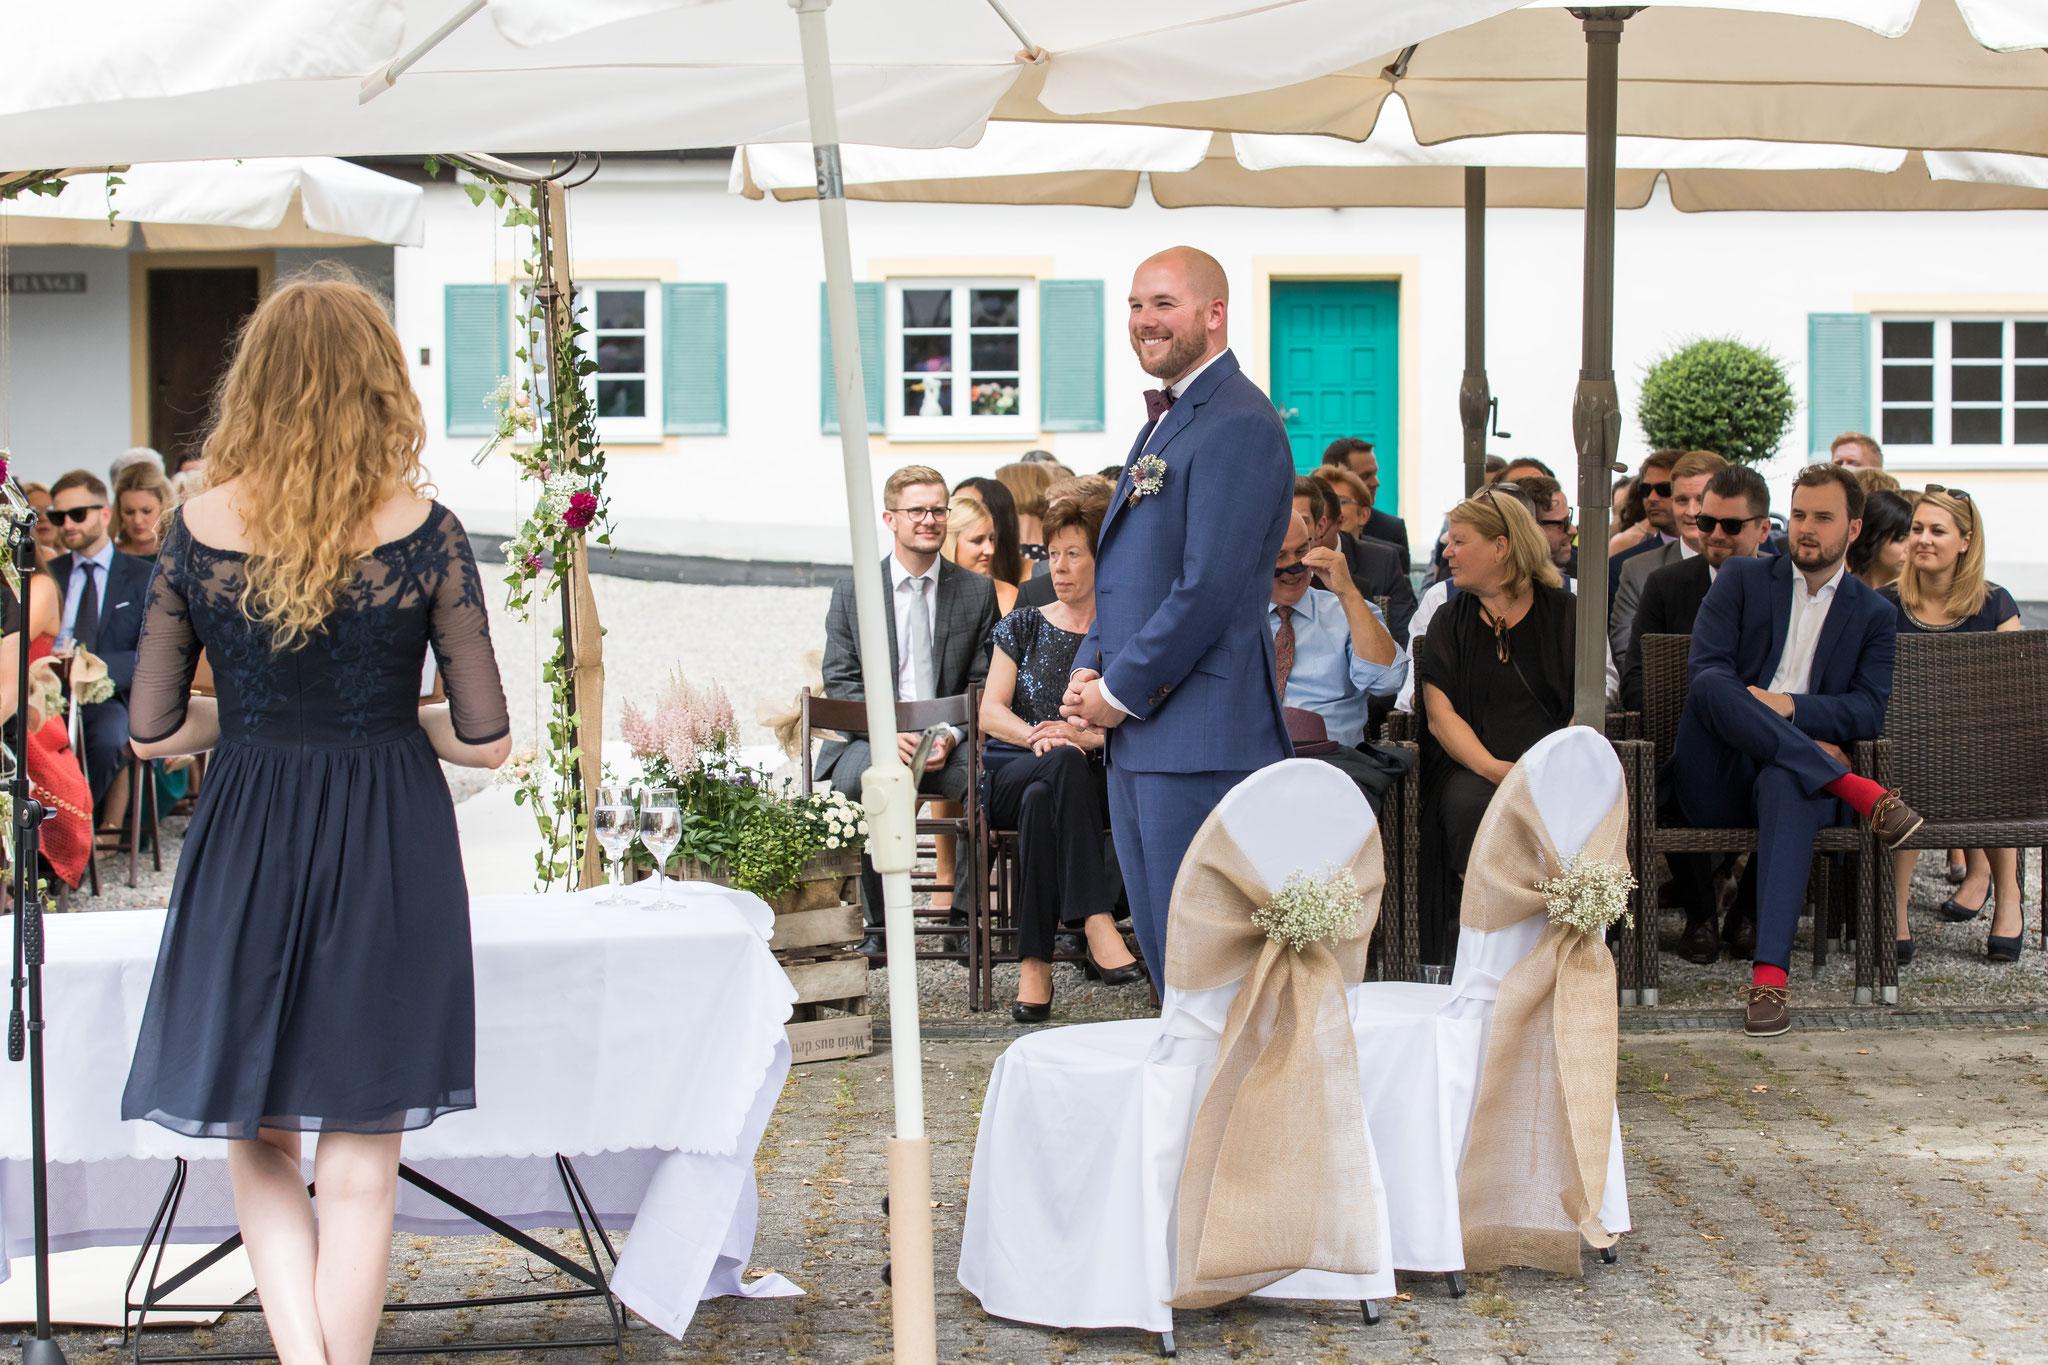 Wir warten auf die Braut! (by Robert Klinger)